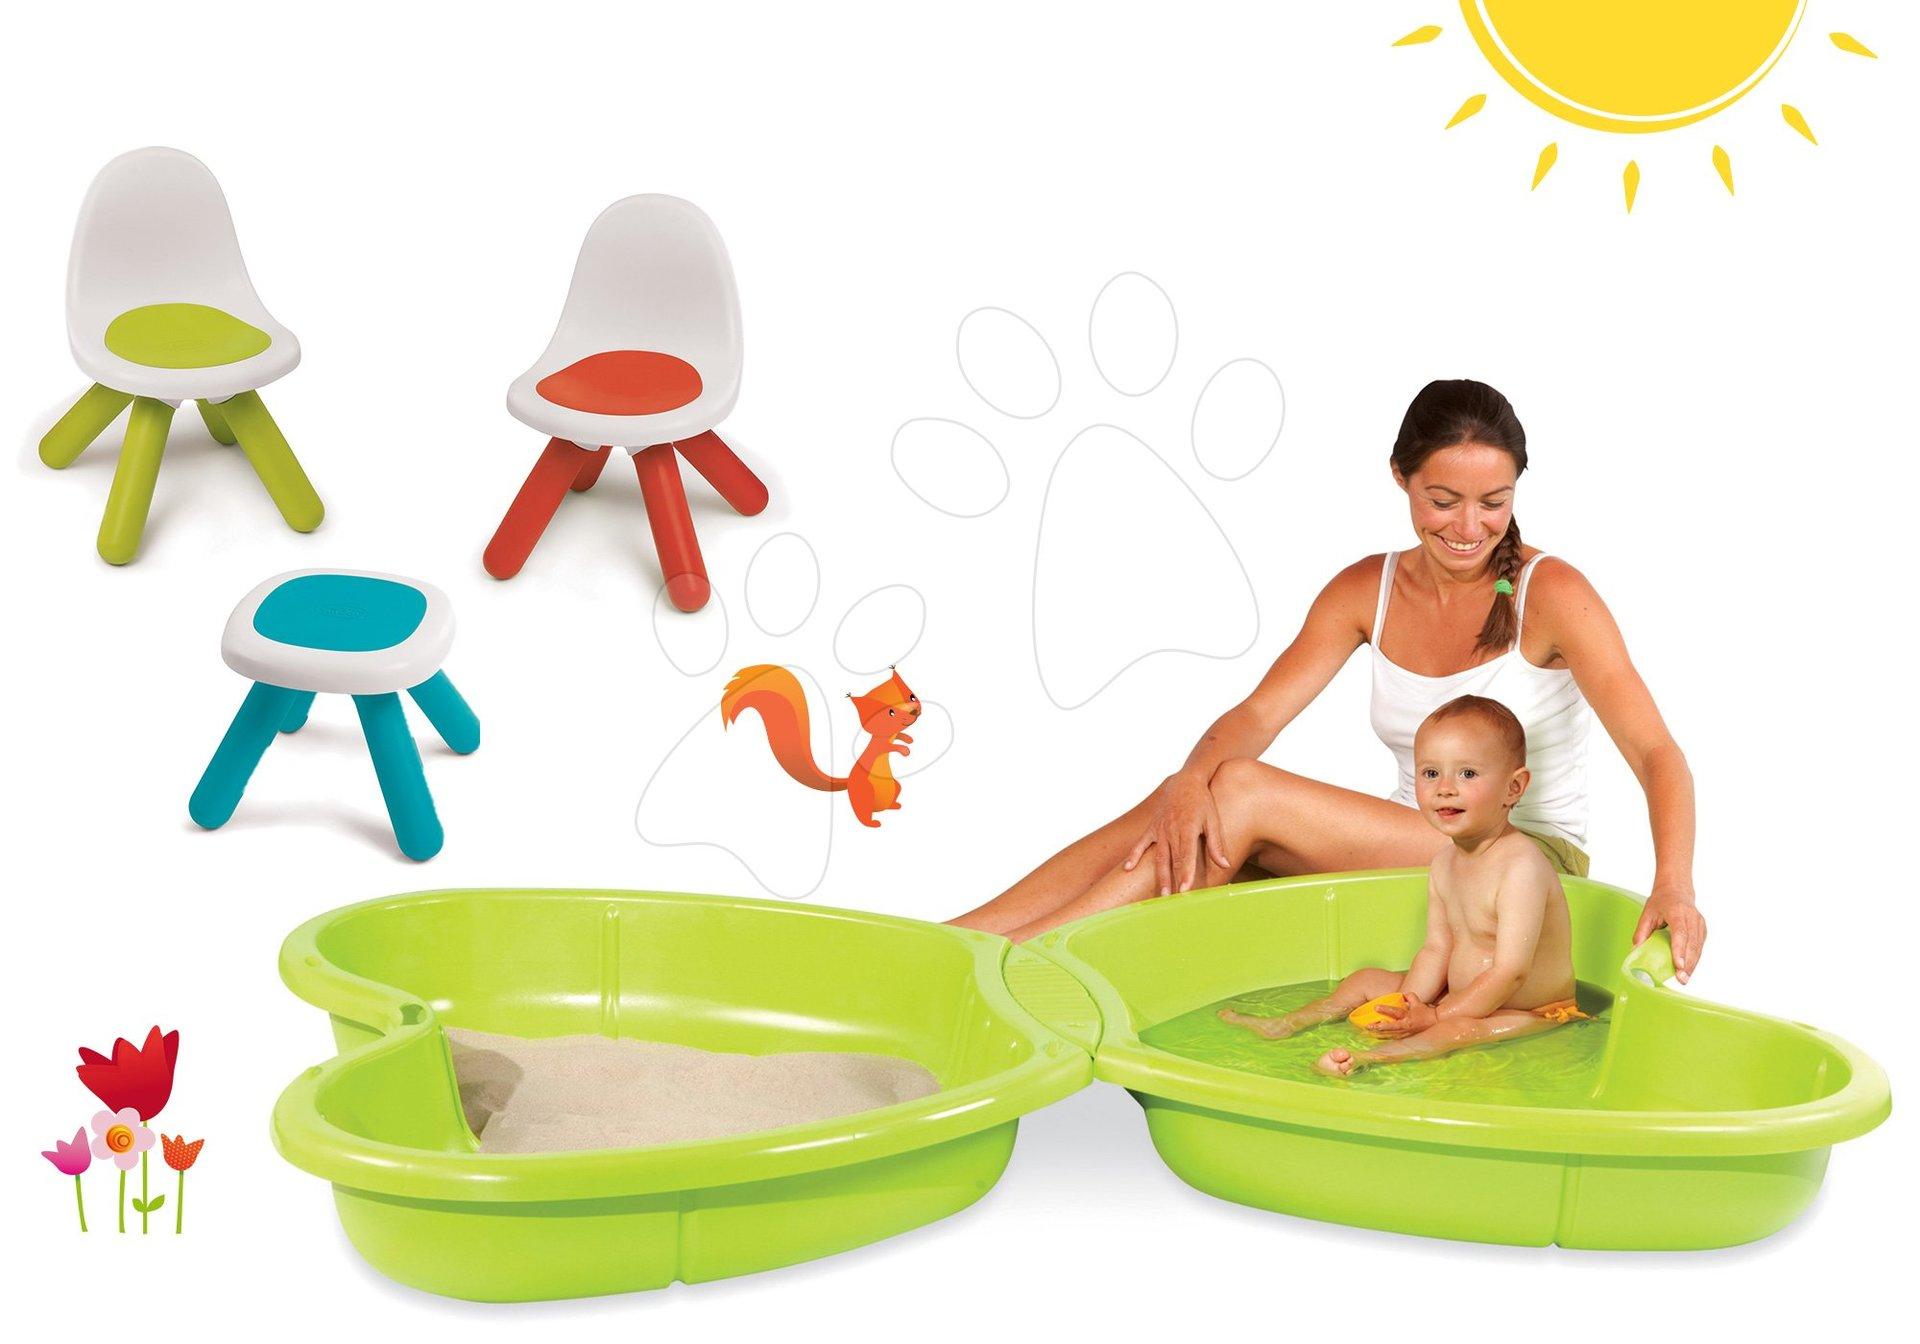 Smoby pískoviště pro děti Motýl a dětský stůl Piknik 310143-3 zelené